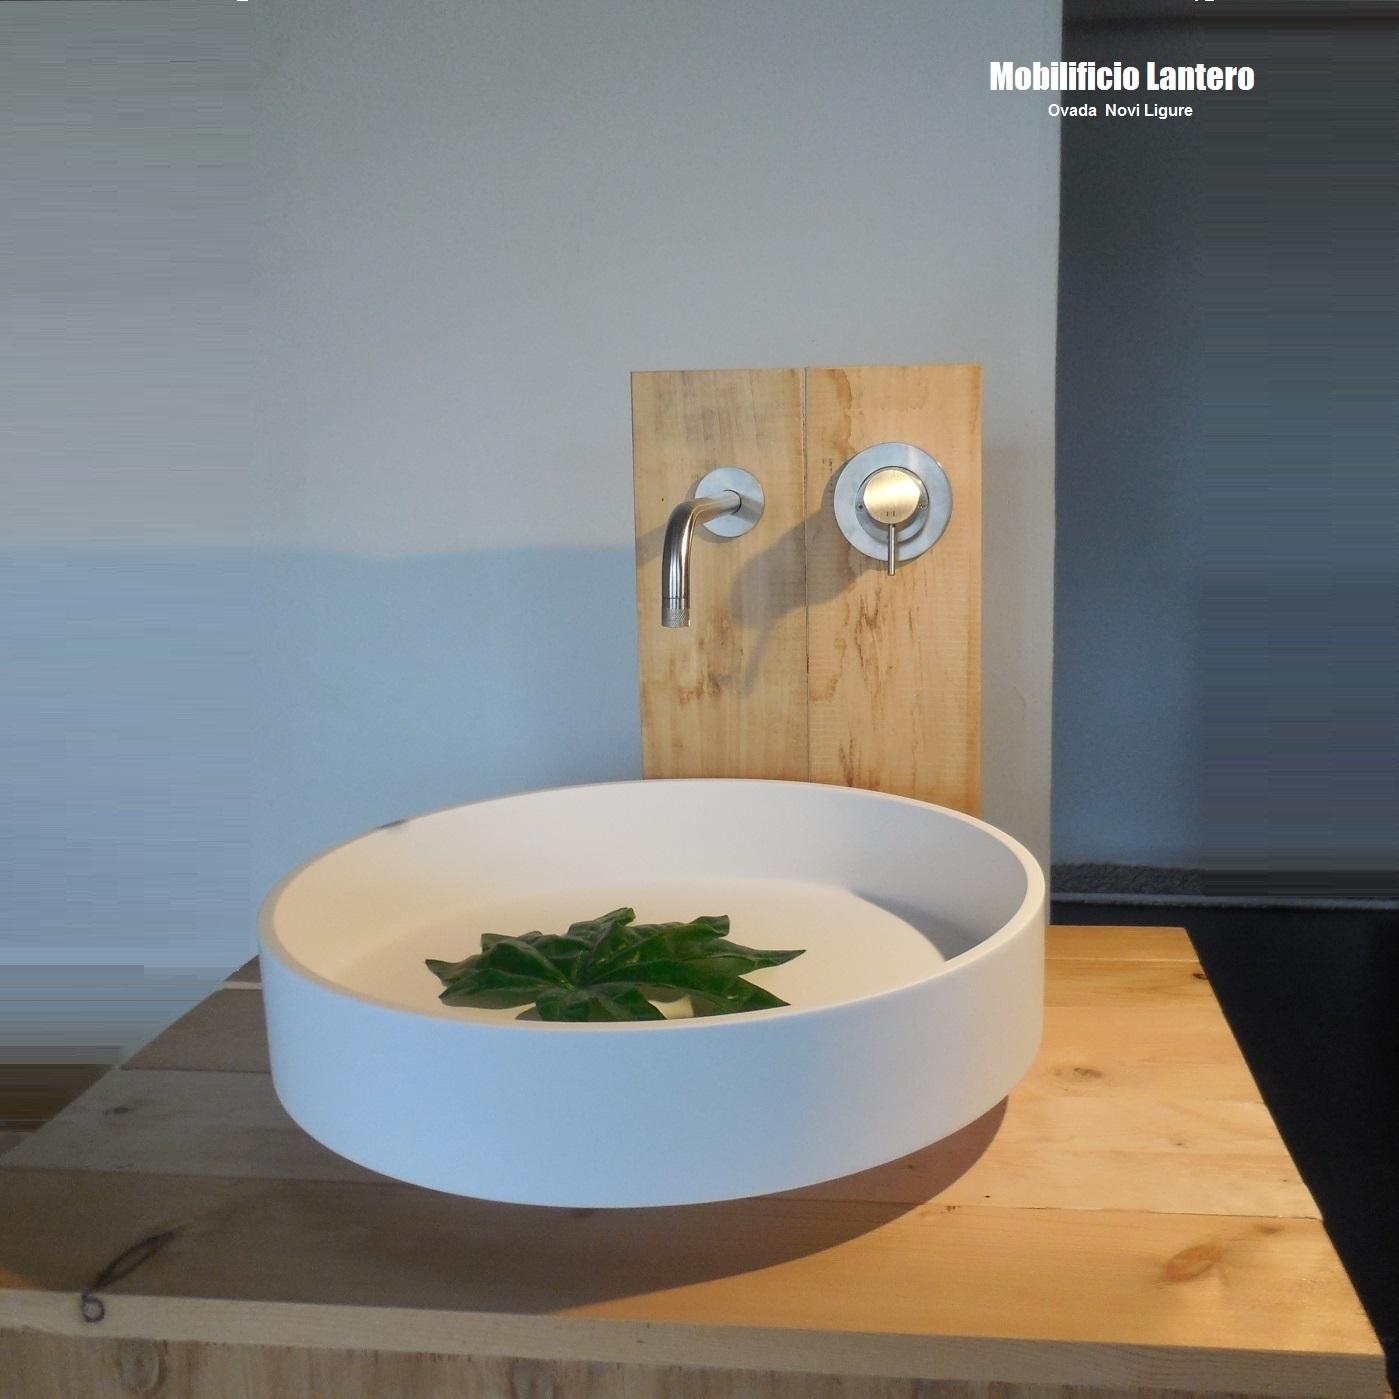 boffi boffi, lotus lavabo con miscelatore minimal design - arredo ... - Arredo Bagno Novi Ligure